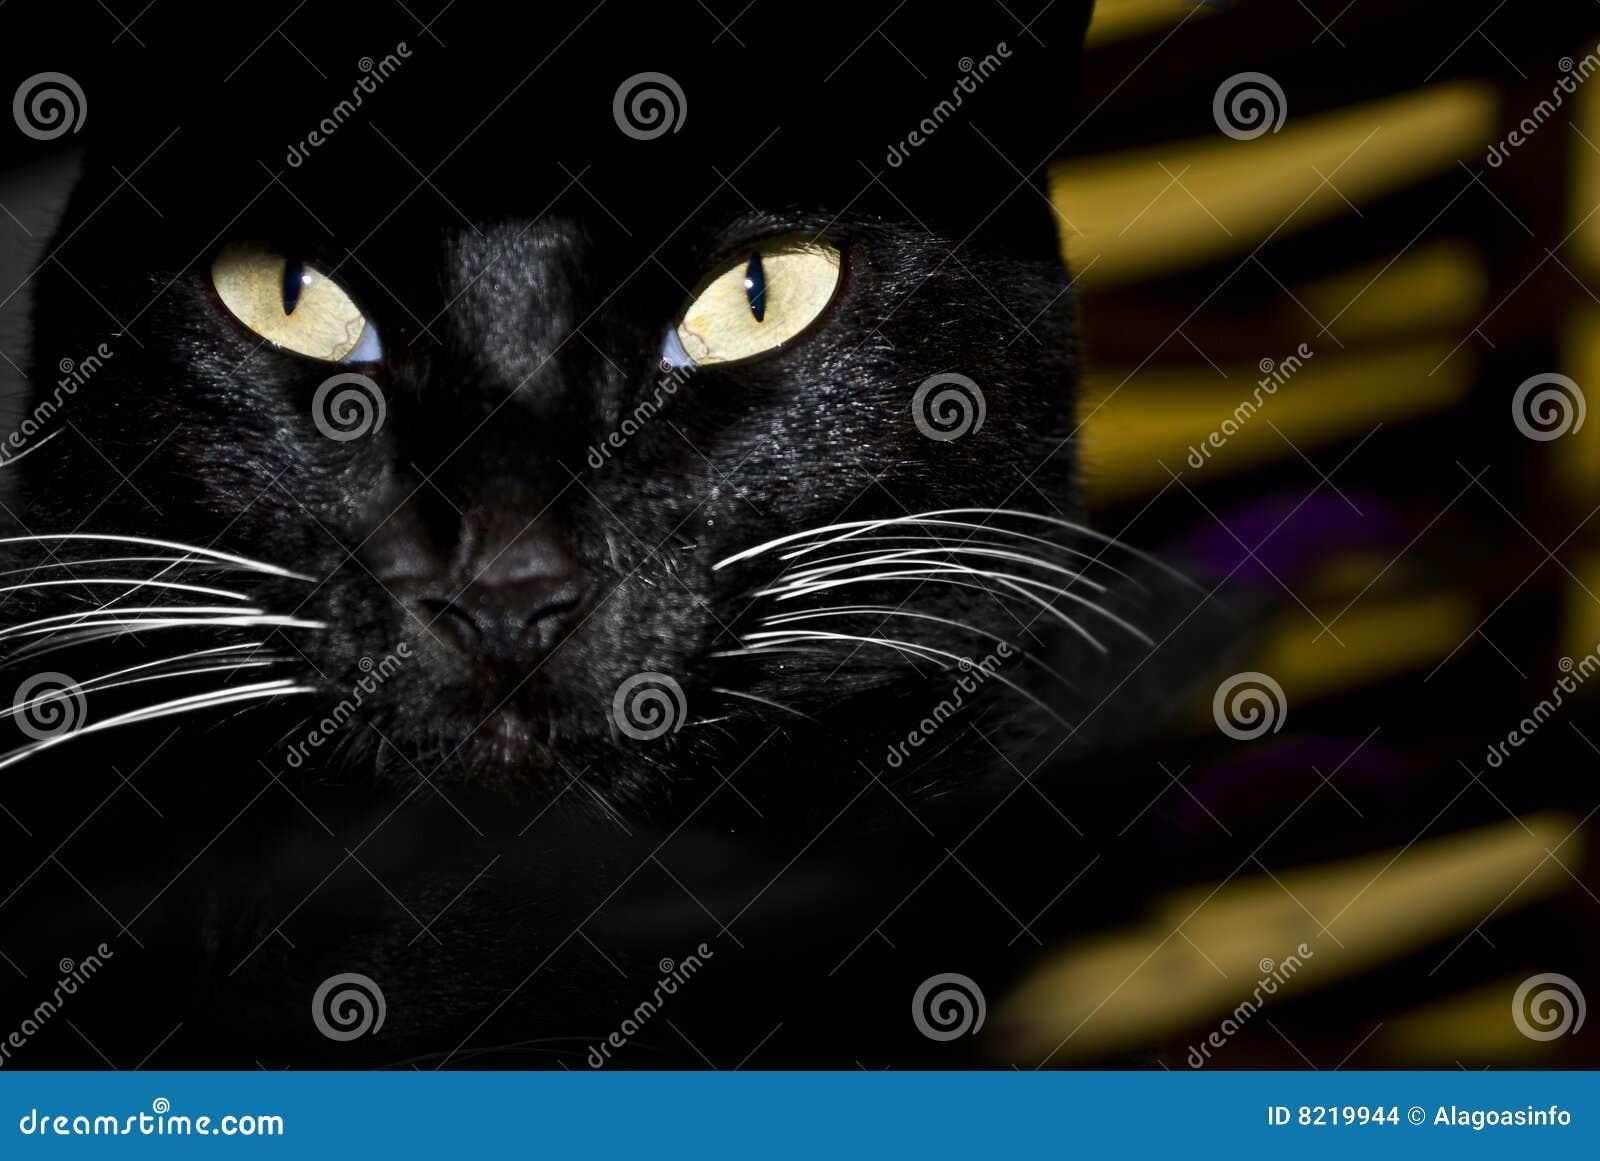 глаза котов